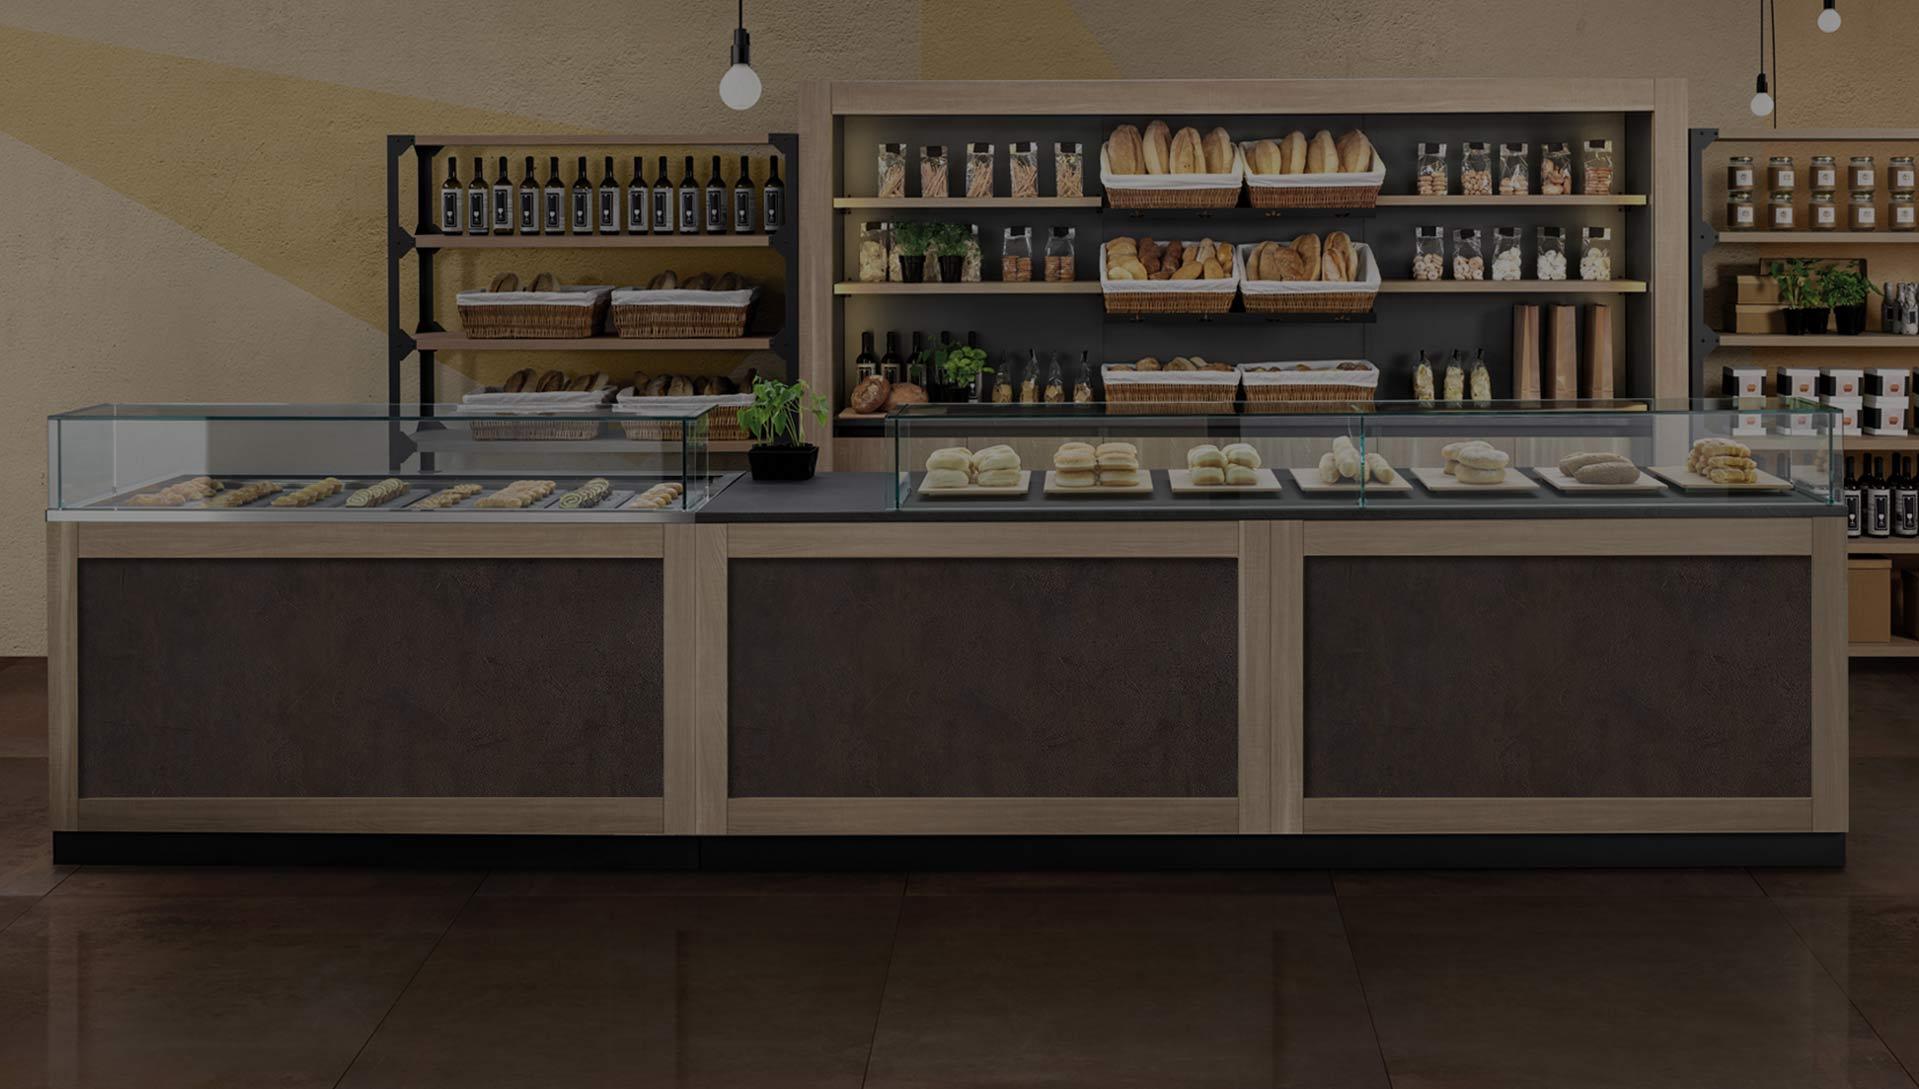 Arredamenti attivit commerciali bar pasticcerie for Arredamenti per locali commerciali